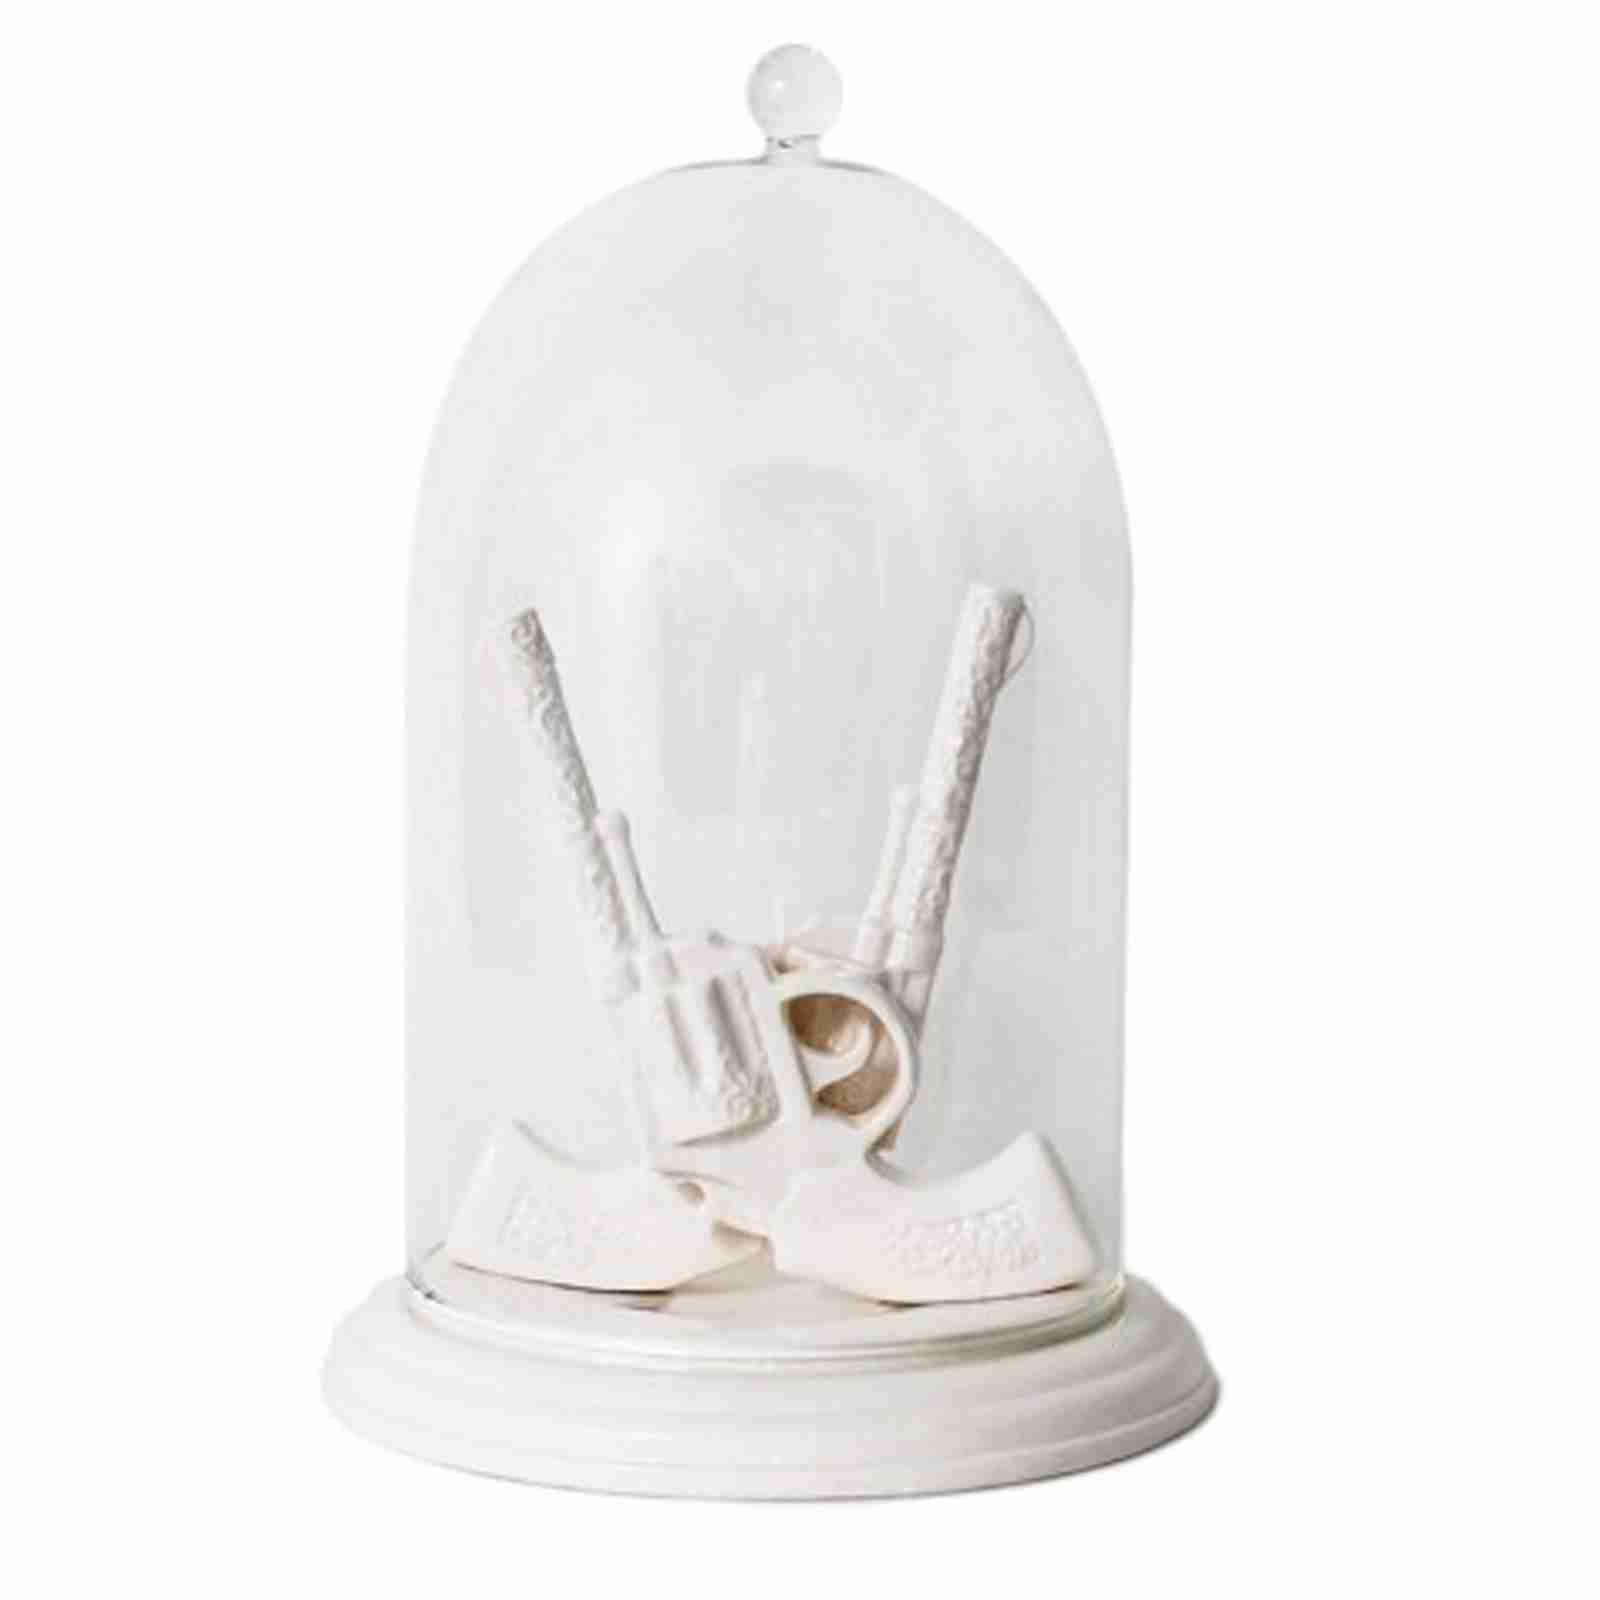 Bells of the Ball - Dueling Guns Bell Jar Jewellery Holder